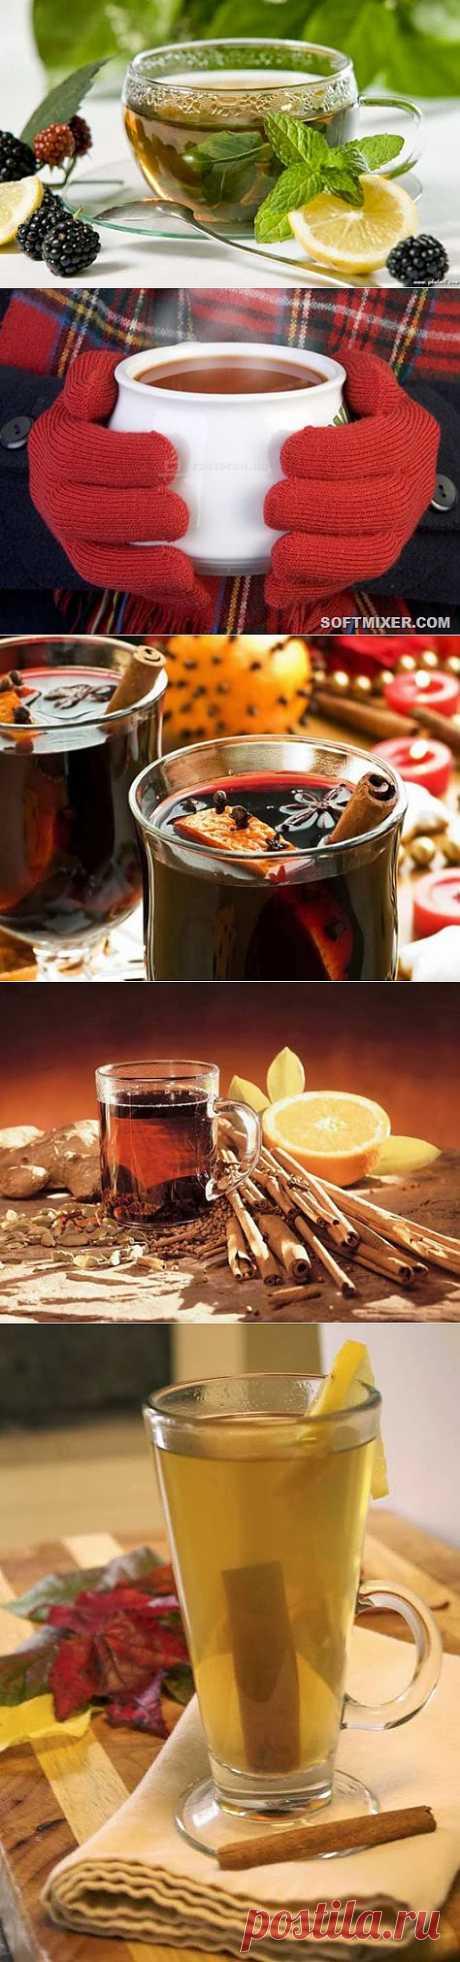 Самые вкусные согревающие напитки | SOFTMIXER